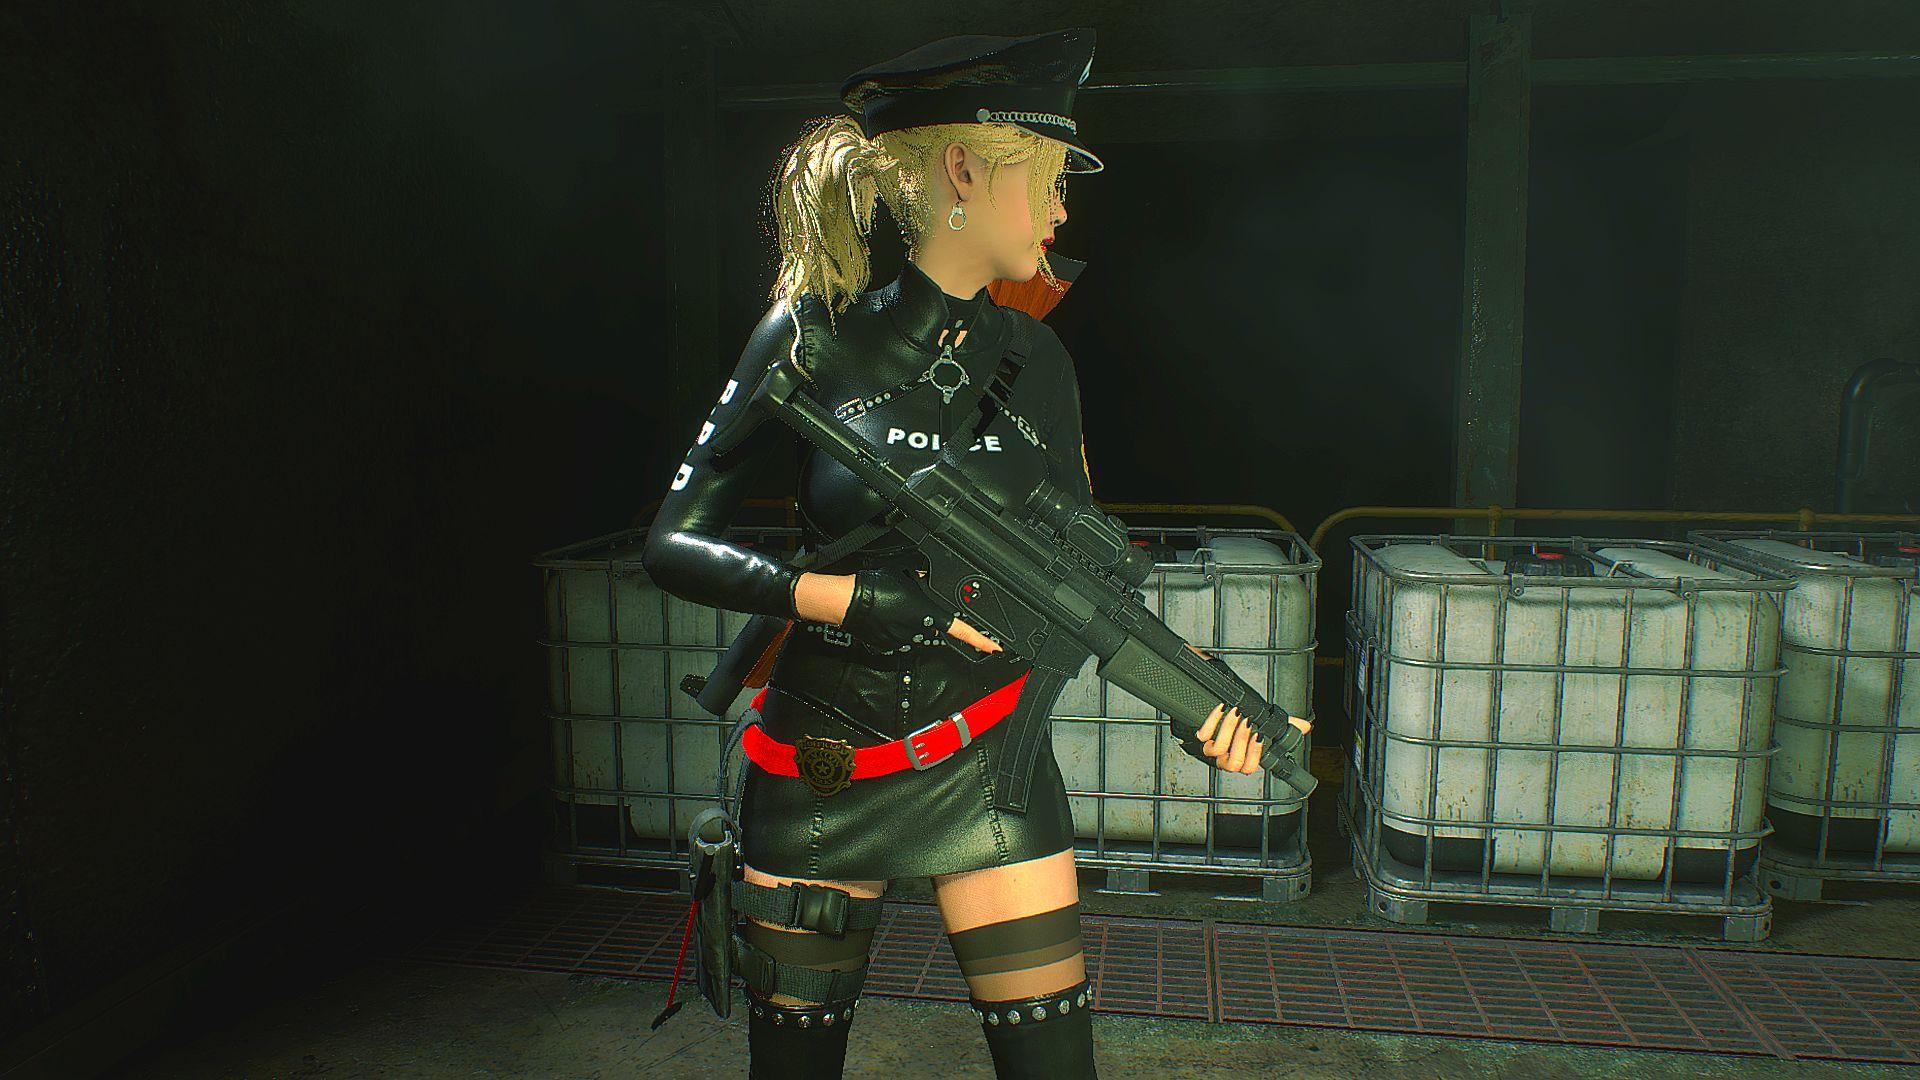 000128.Jpg - Resident Evil 2